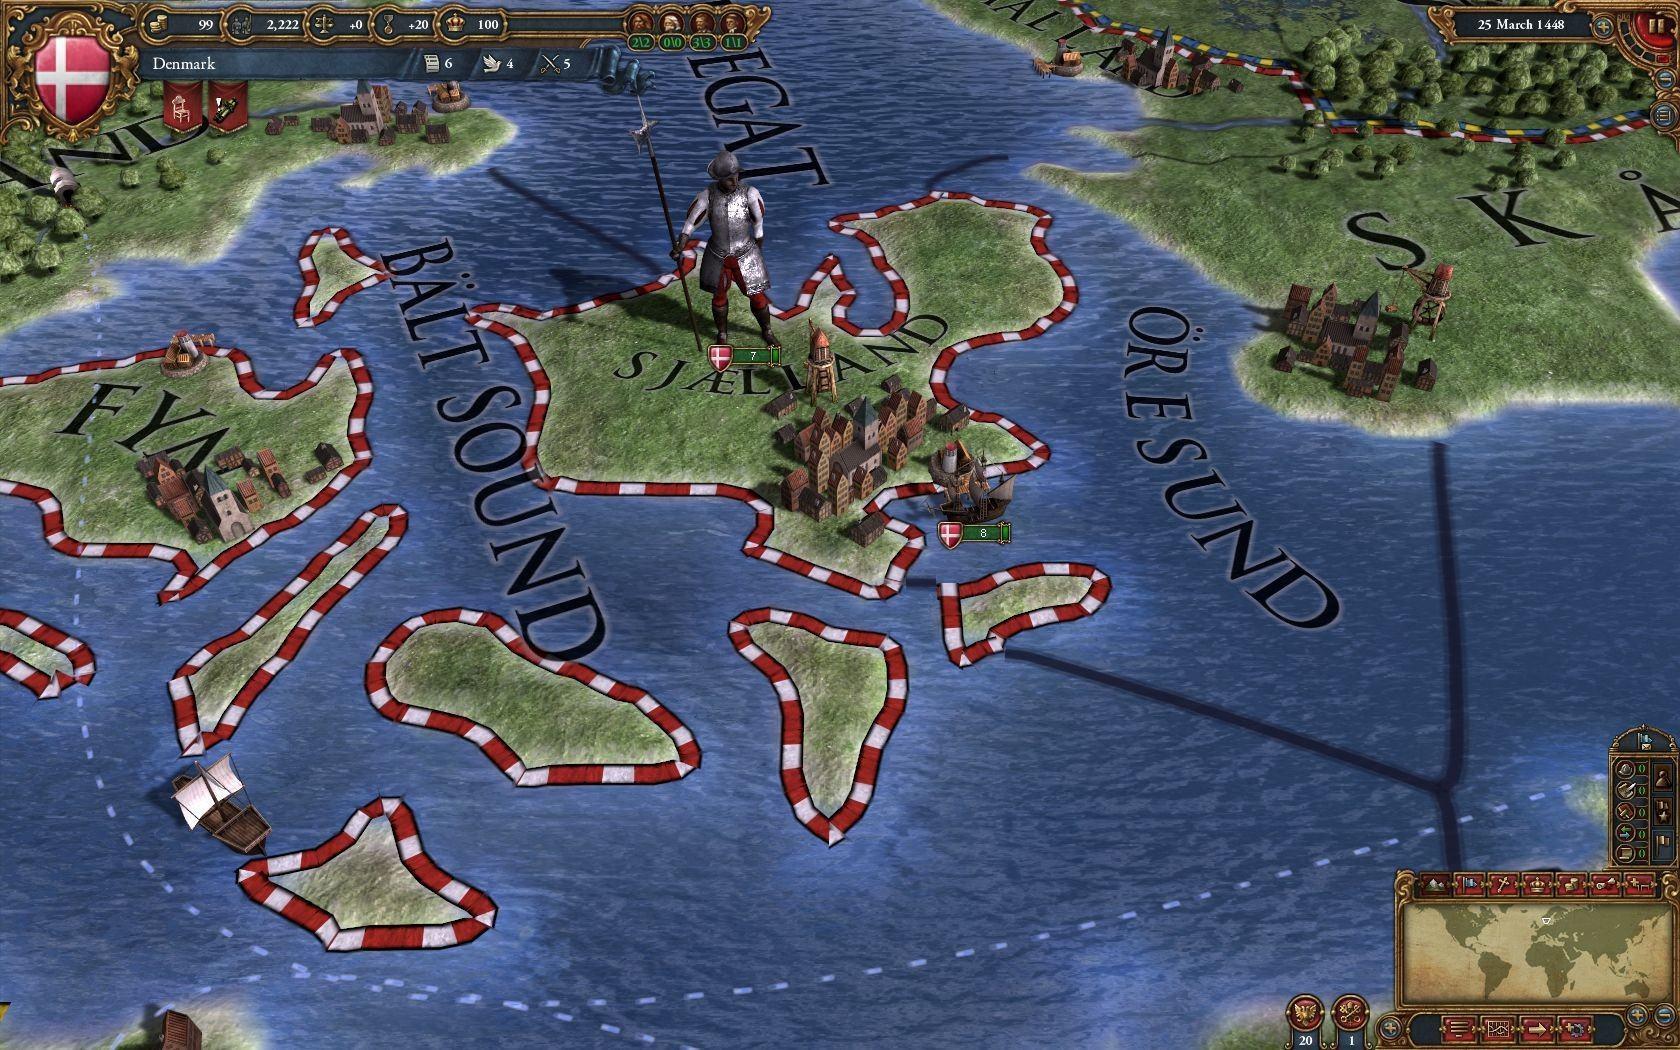 europa universalis 4 matchmaking Lagna Kundali Match Making